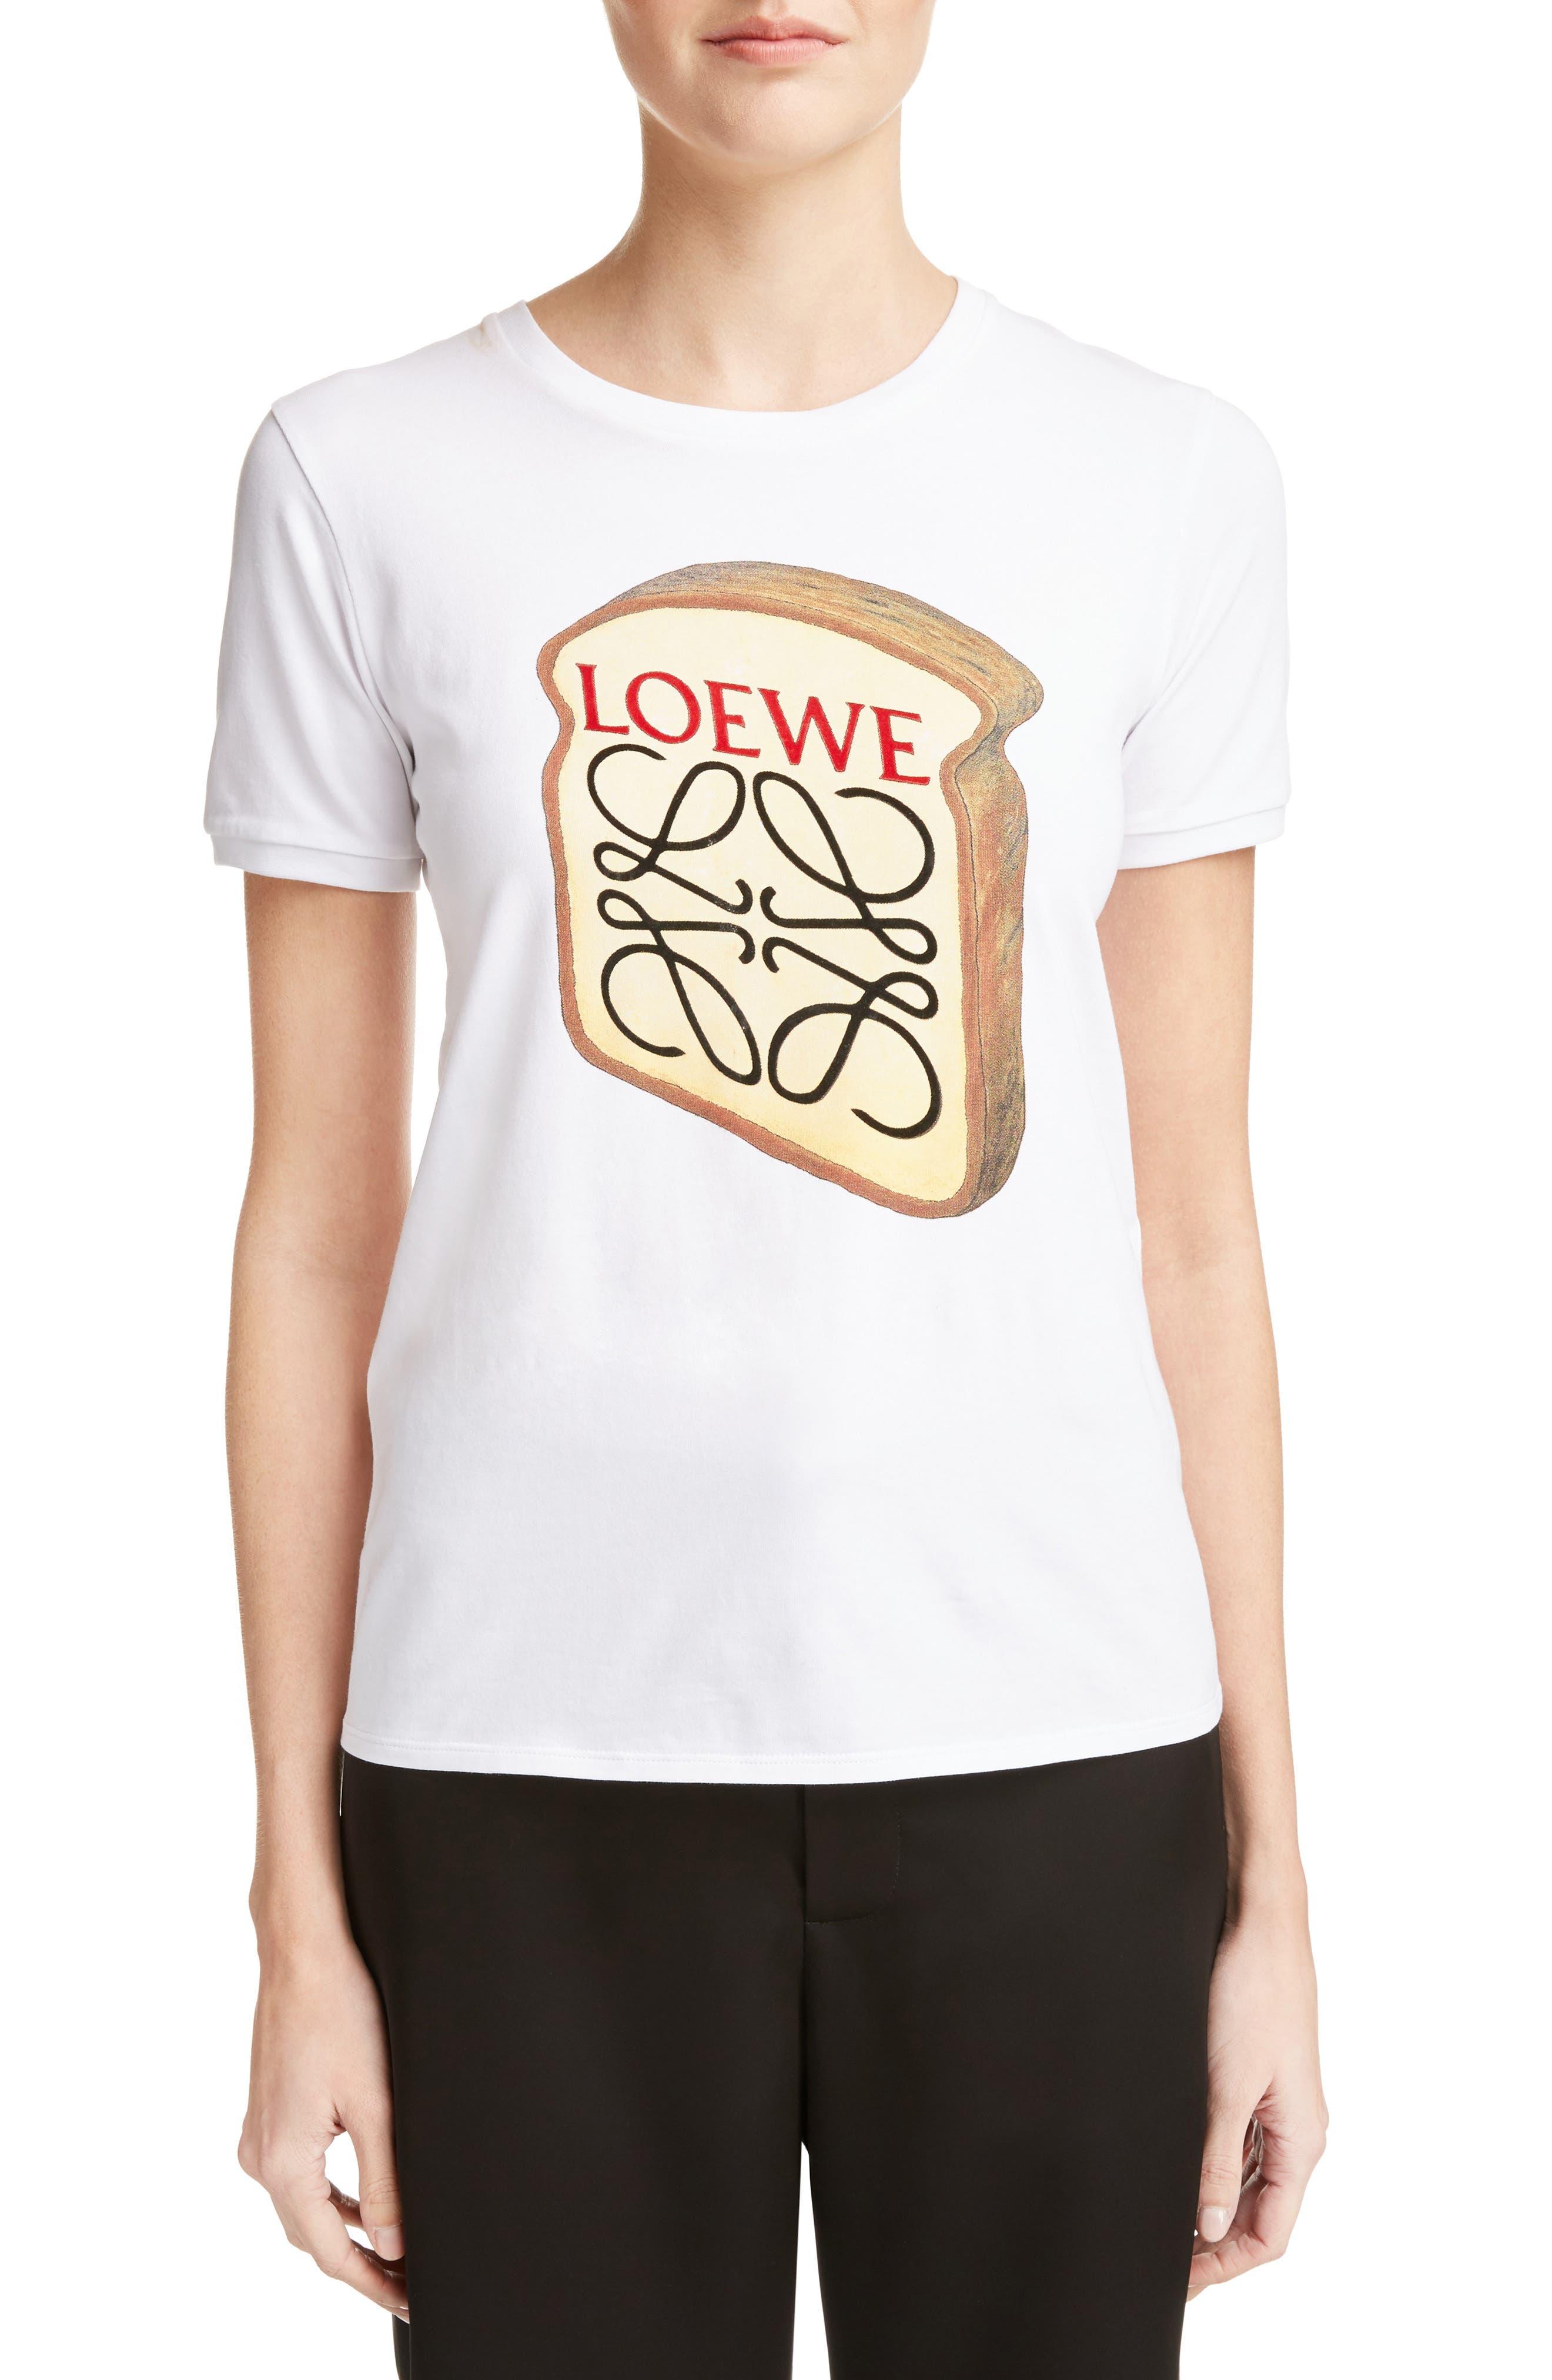 Loewe Toast Logo Tee